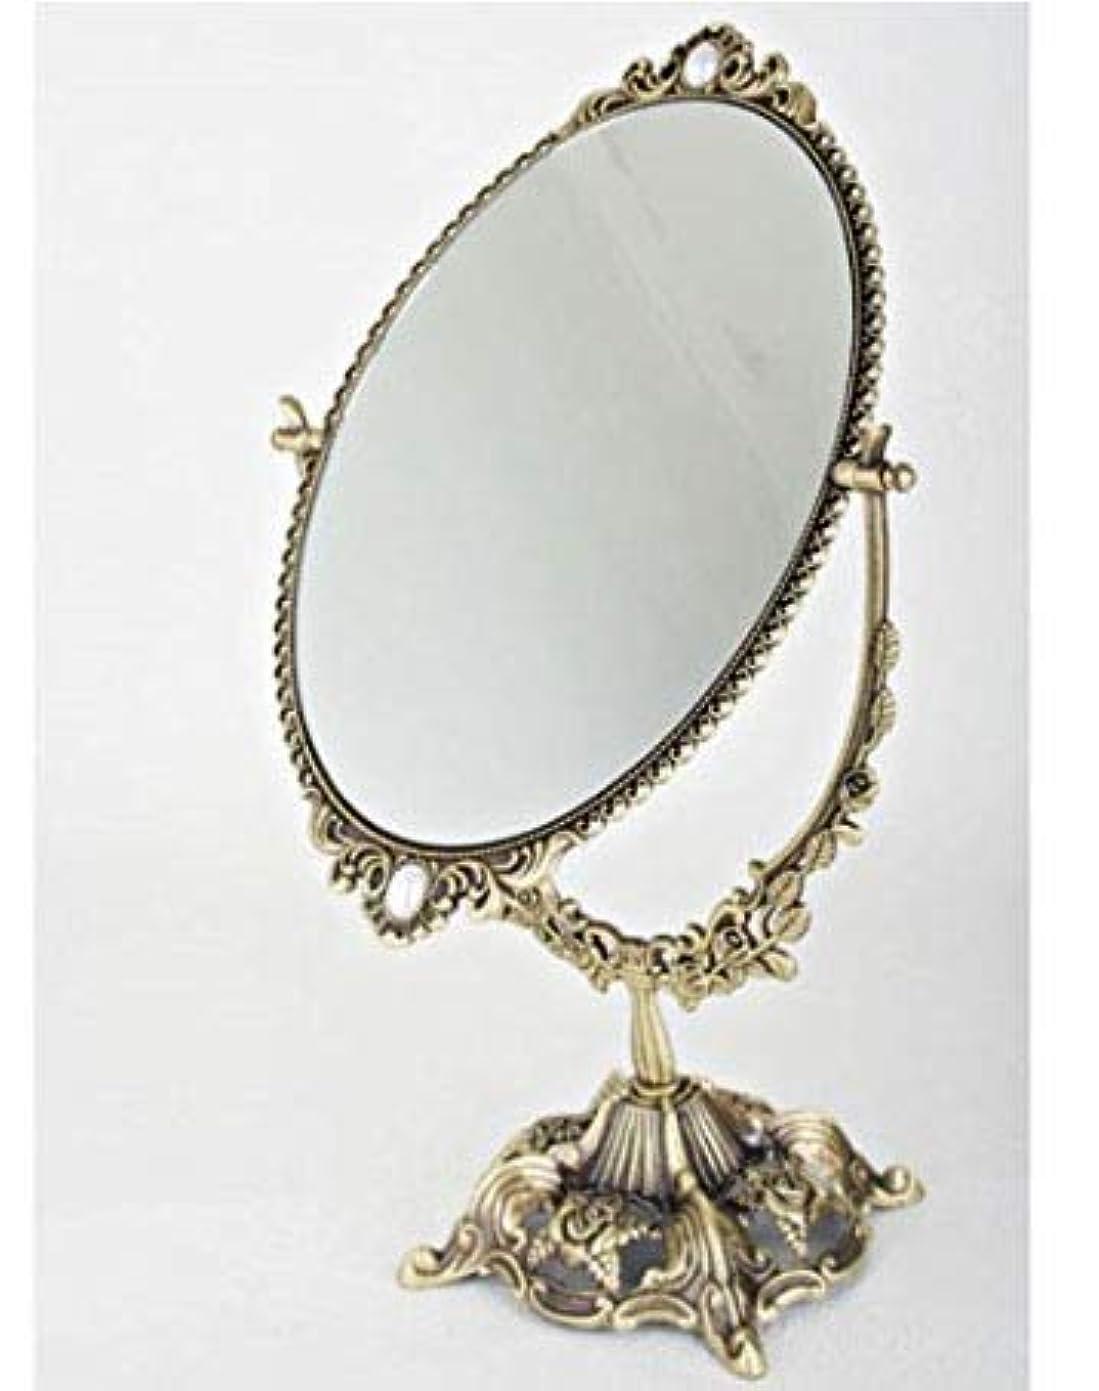 平和な等価フルーツ野菜銅材質の鏡, アンティーク?両面卓上ミラー … ローズ鏡 大きいサイズ、横21センチx立て38センチ、、